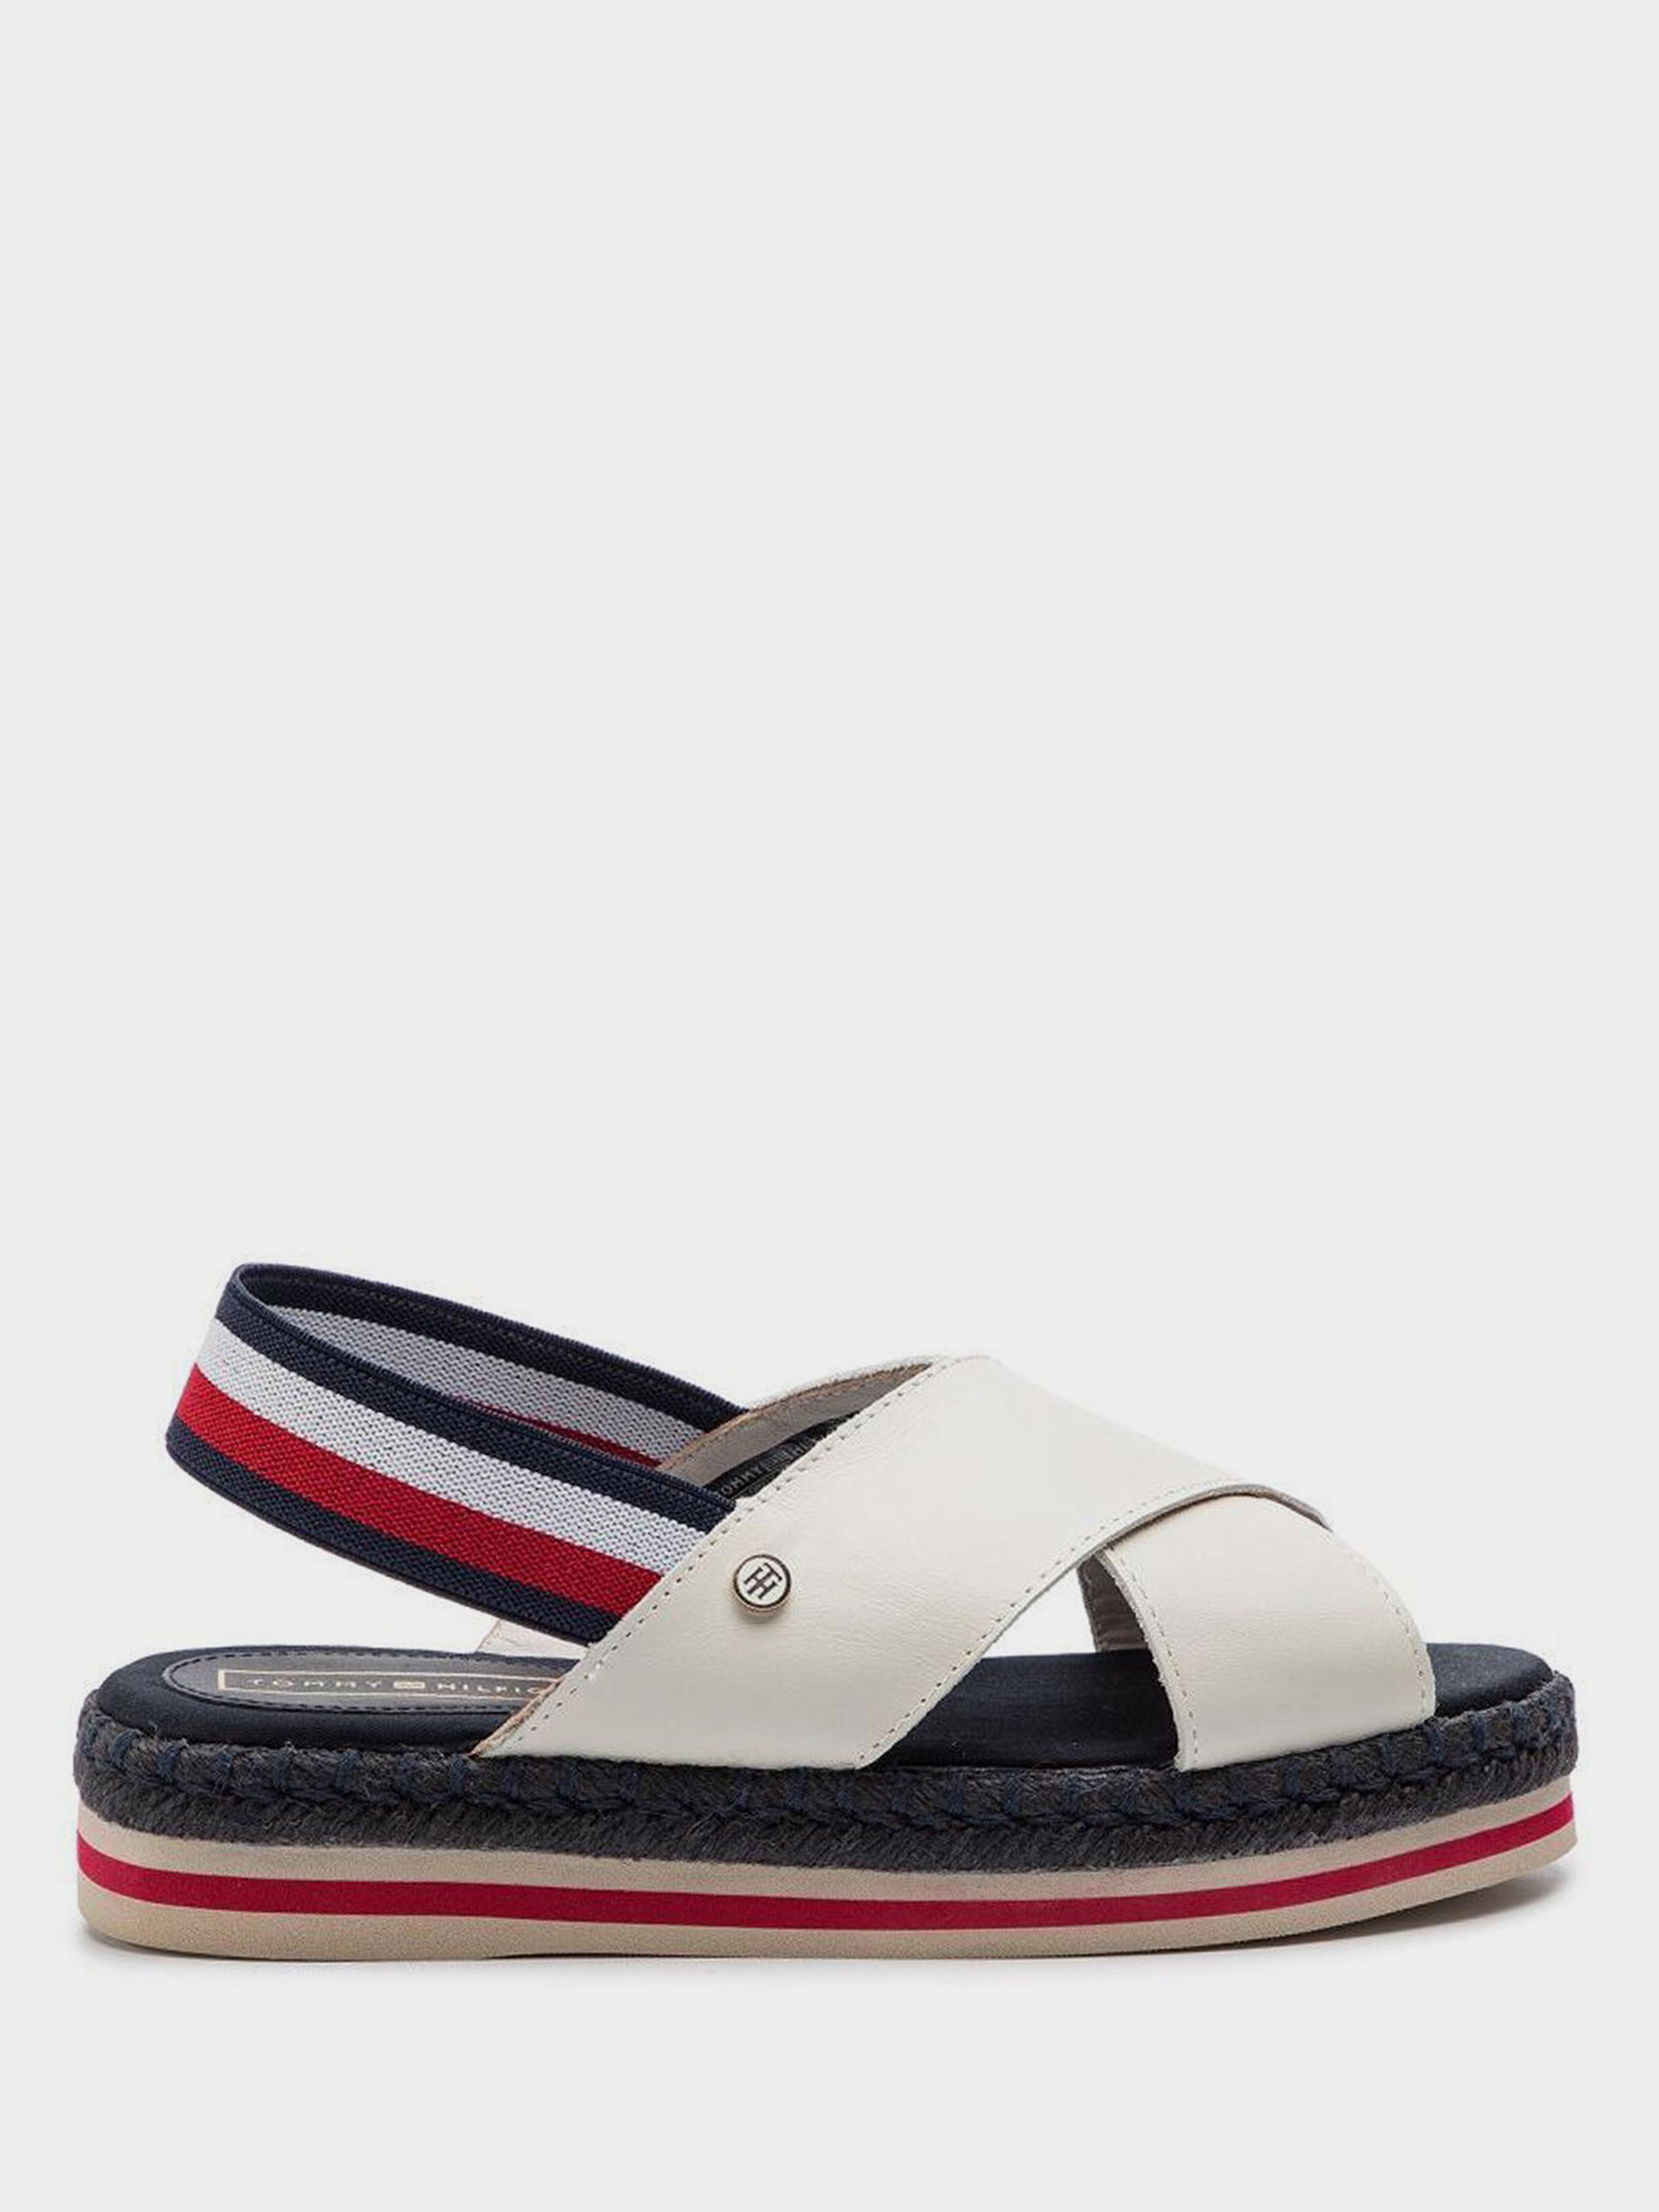 Сандалии женские Tommy Hilfiger TD1251 модная обувь, 2017